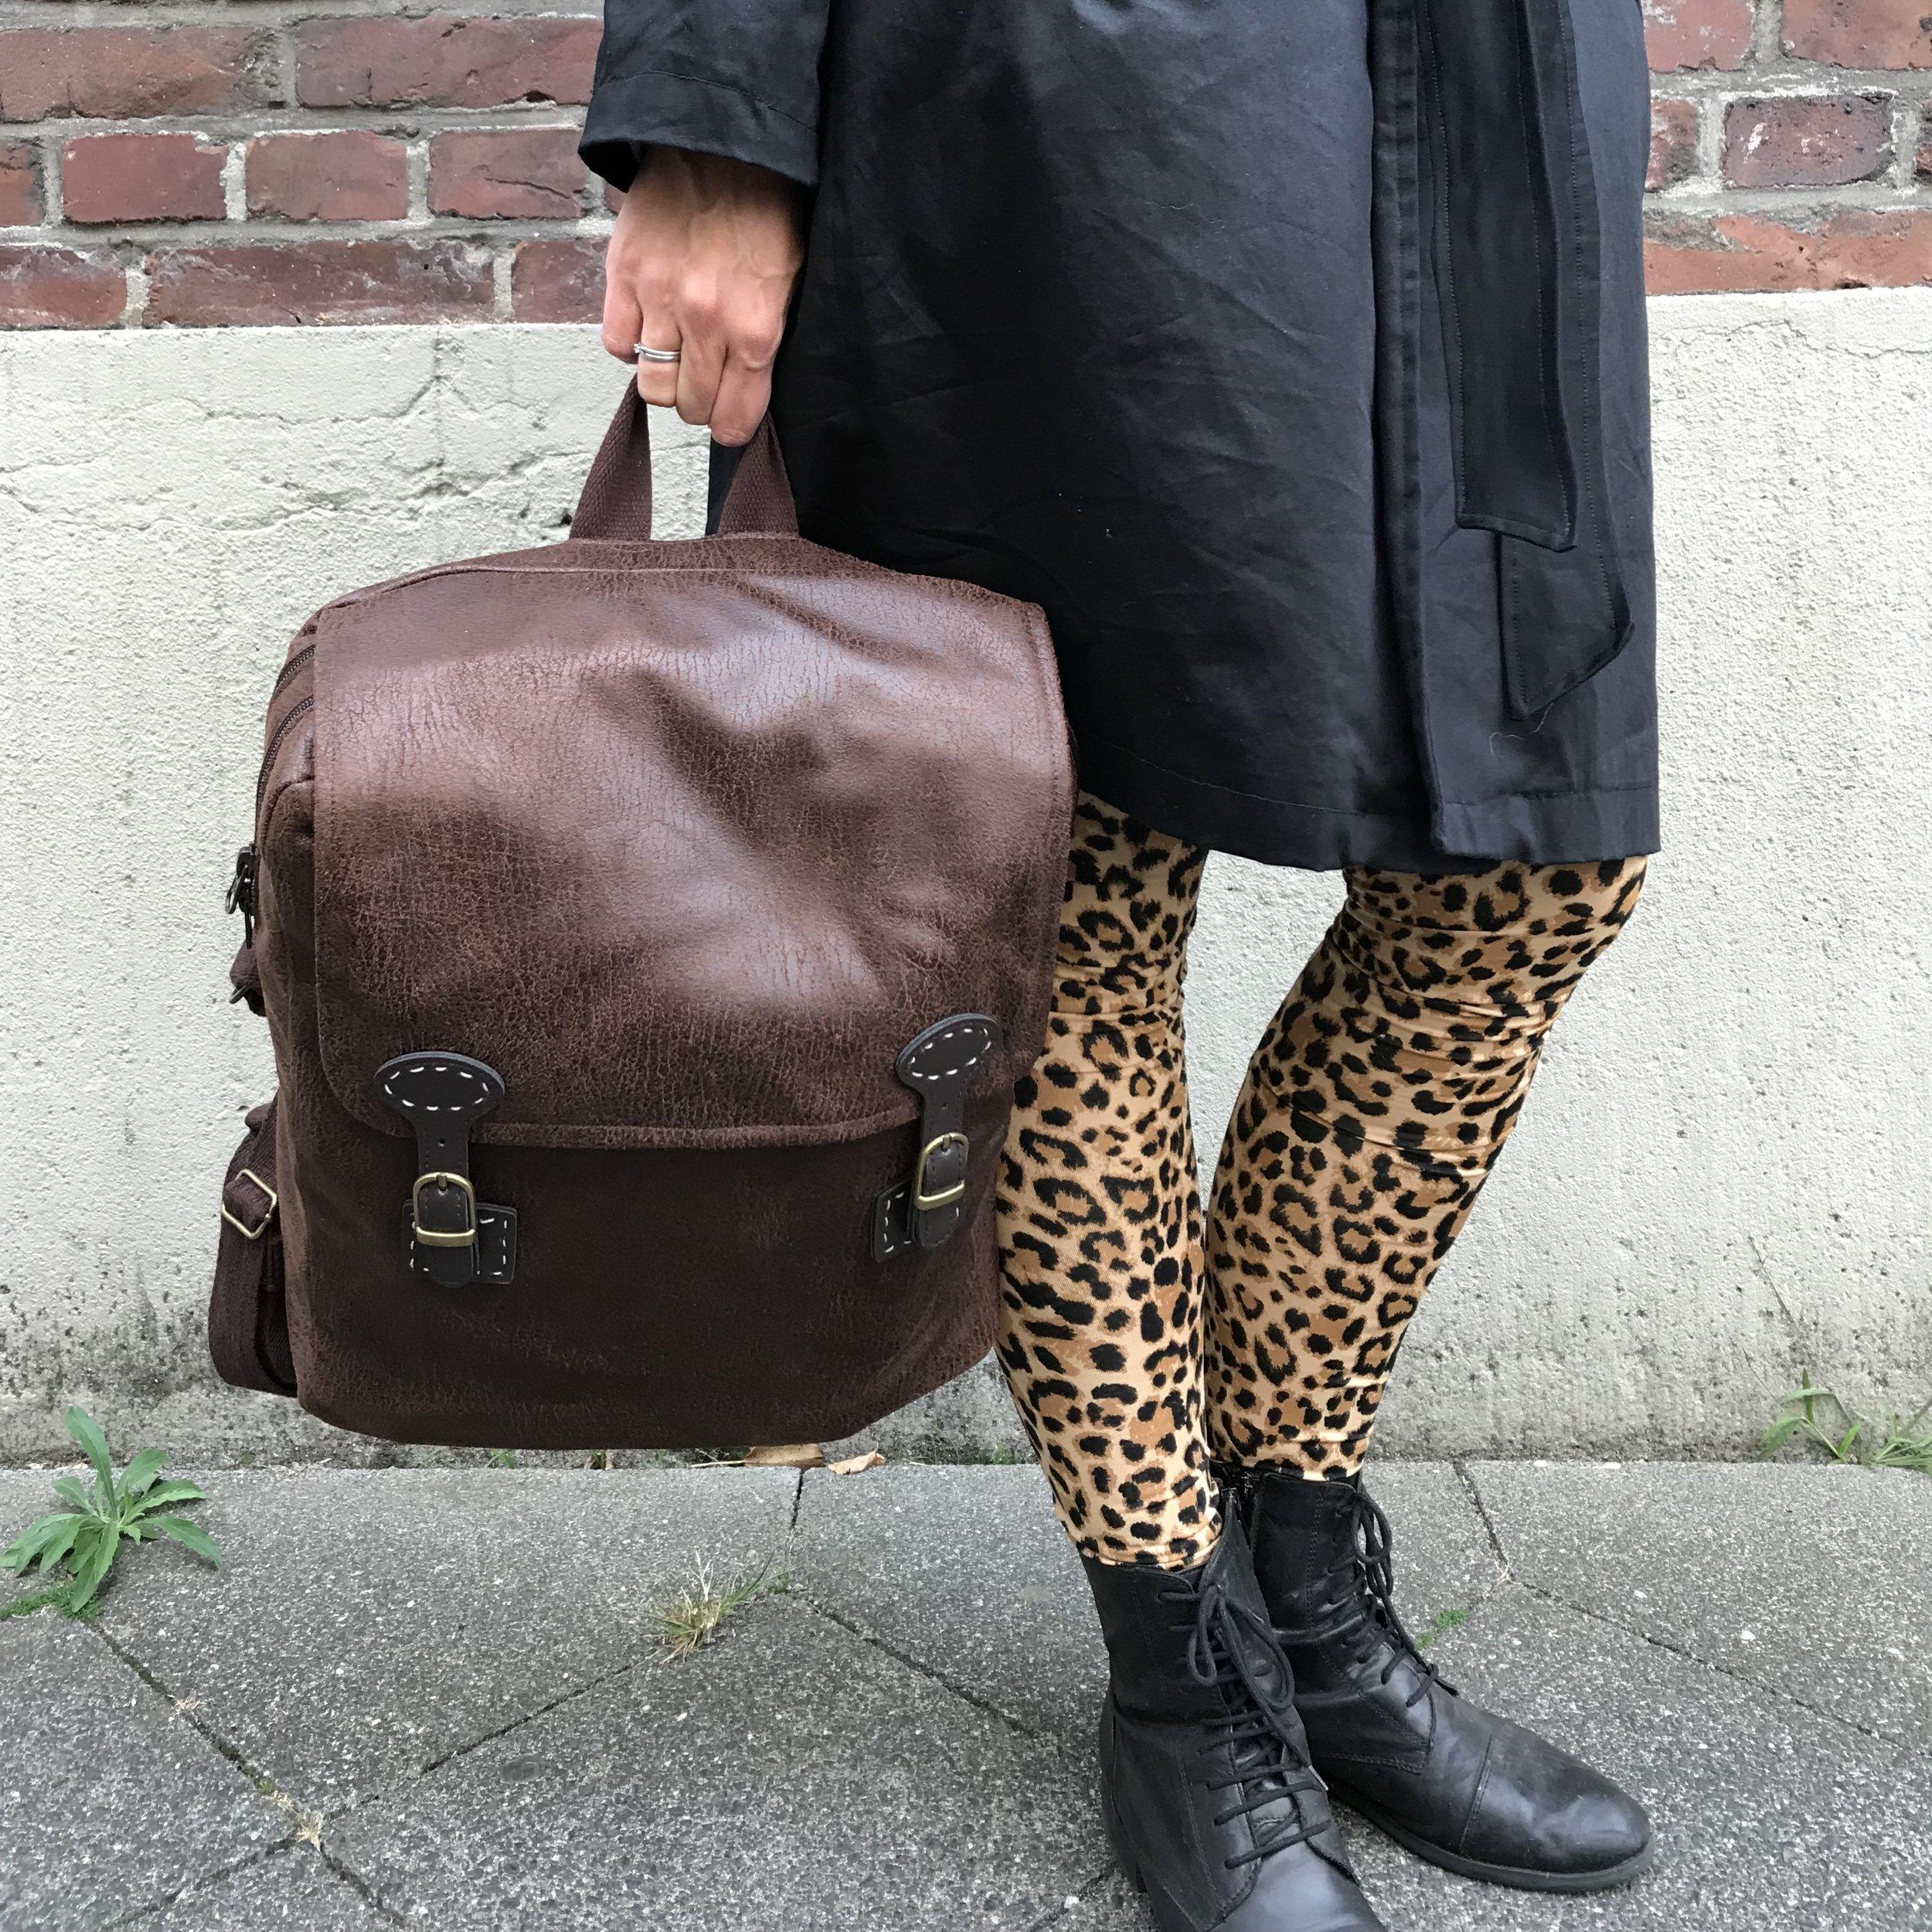 Mach dein Ding Rucksack 2018 Stoffreise